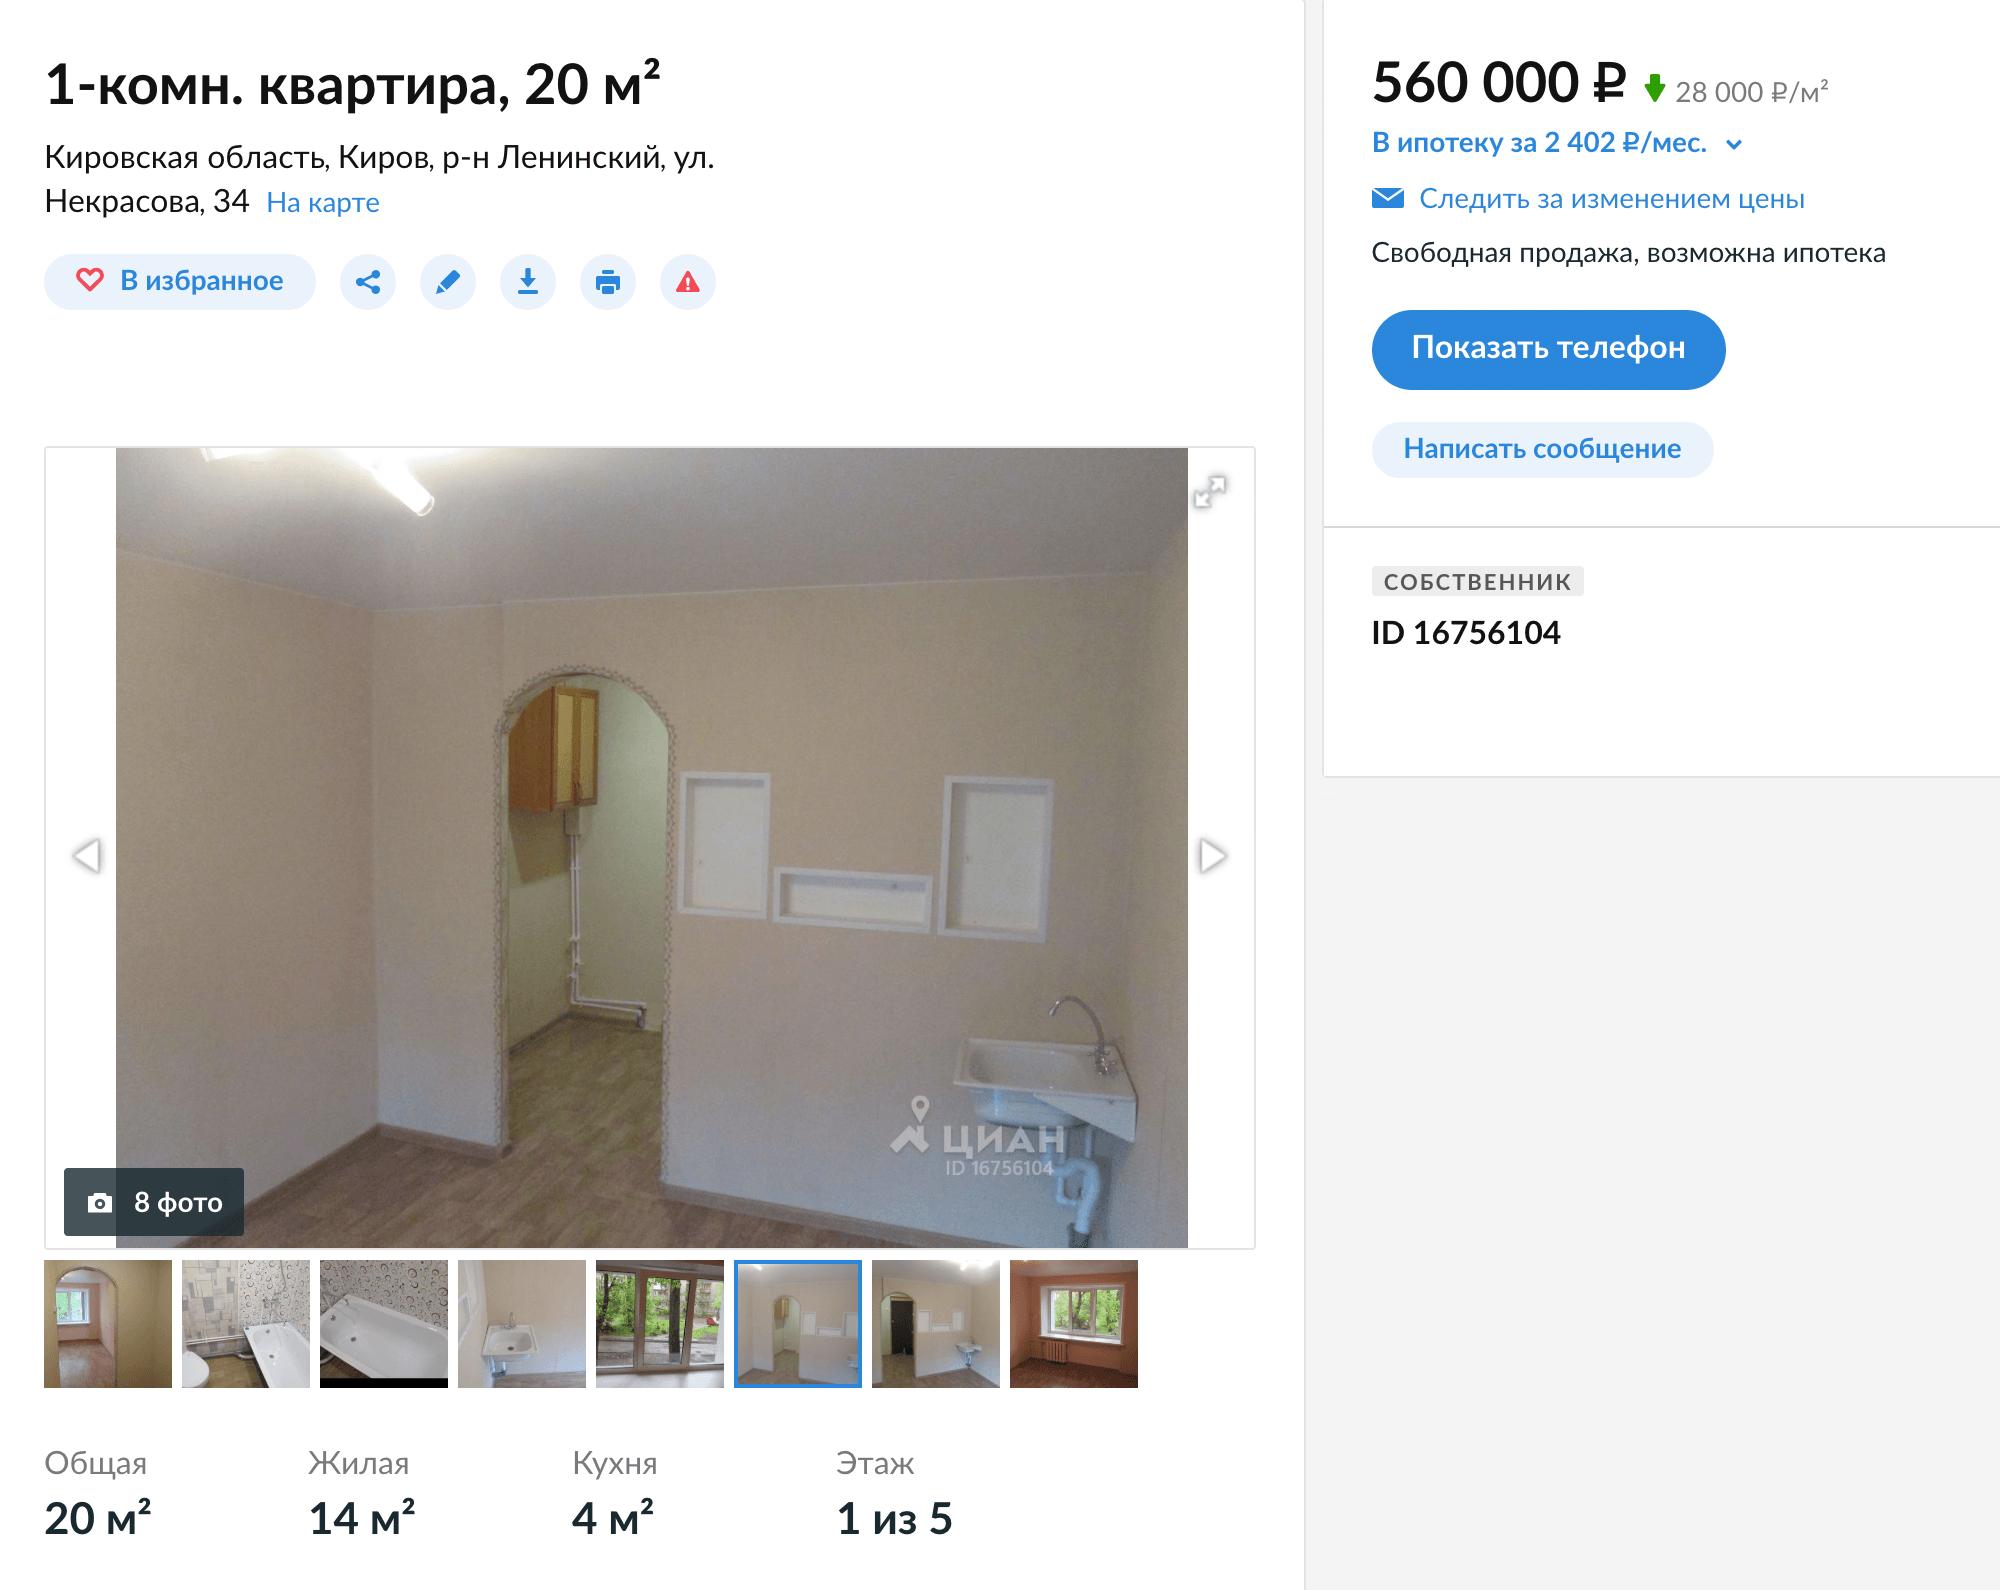 Типичная малосемейка — кухня прямо в комнате. Зато в этой квартире хотя бы сделан ремонт и нормальная сантехника